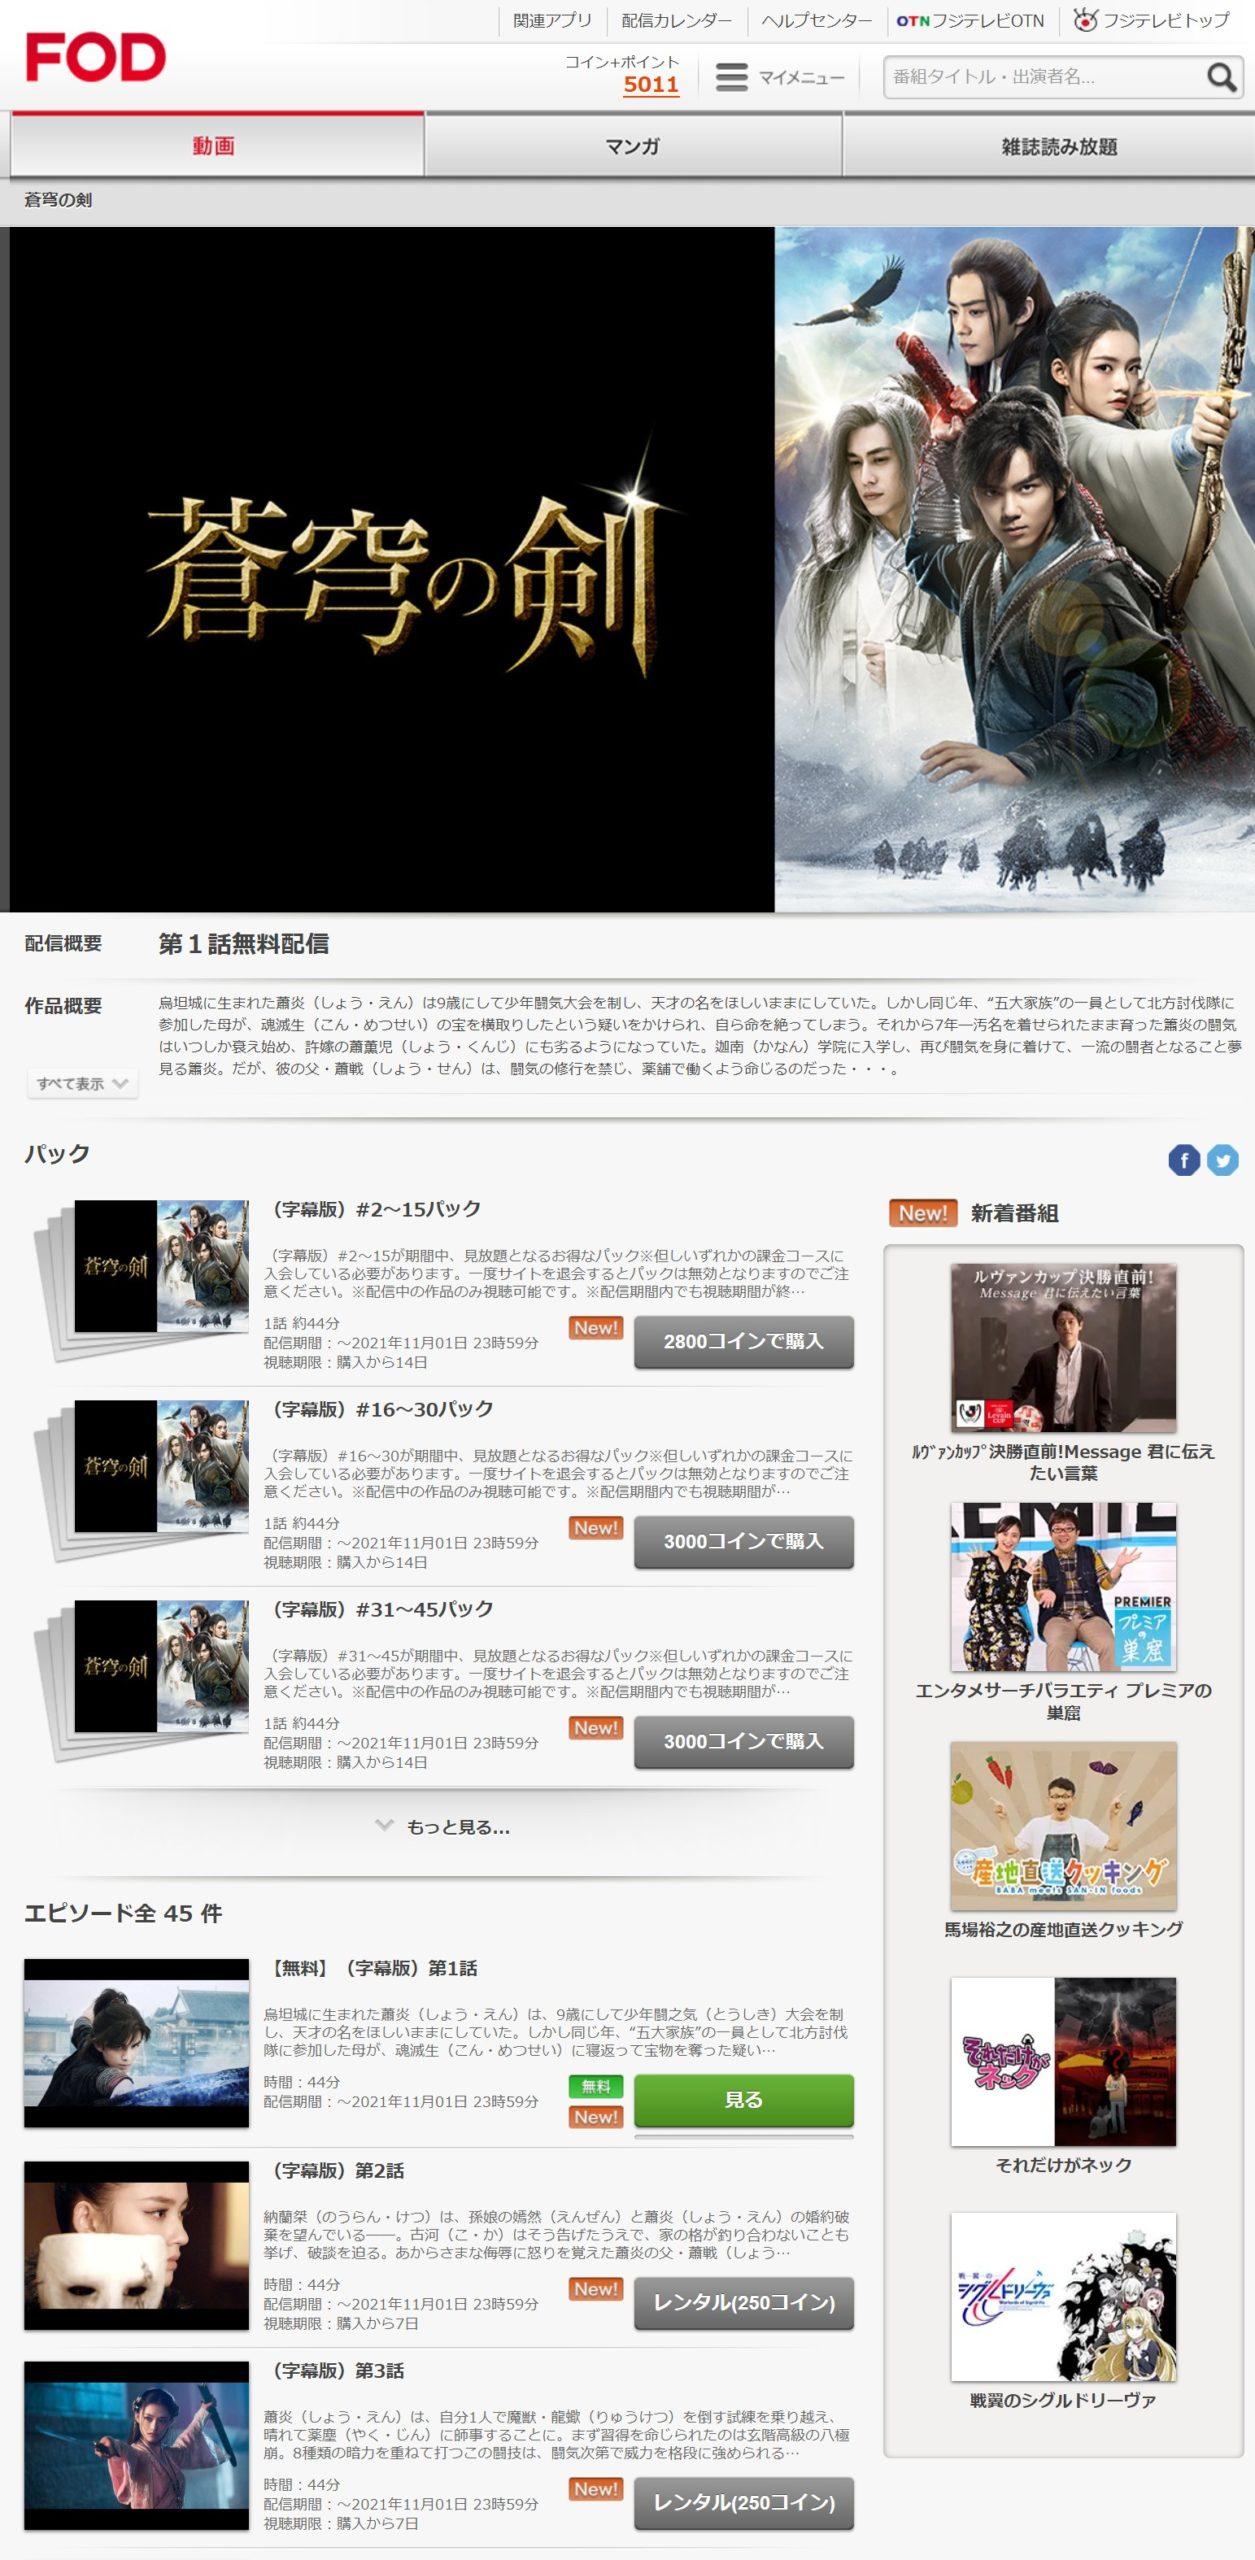 蒼穹の剣(中国ドラマ)の動画無料視聴方法FOD